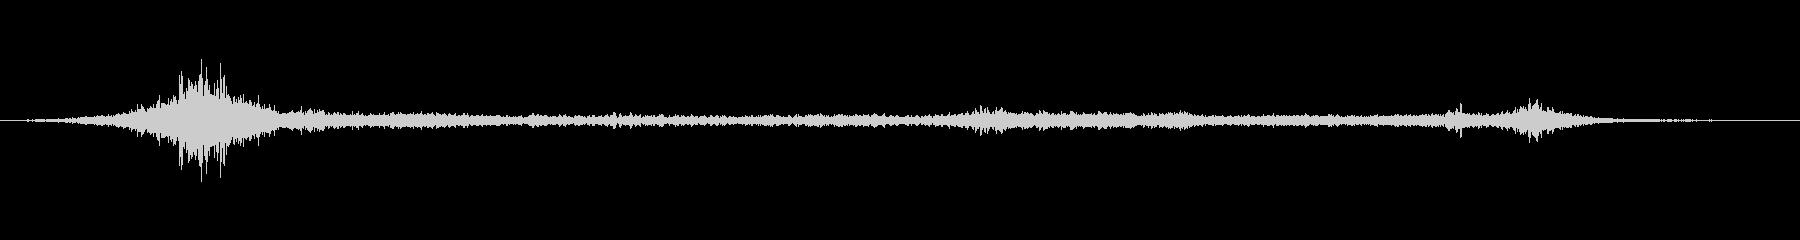 プエブロの風0-40の未再生の波形